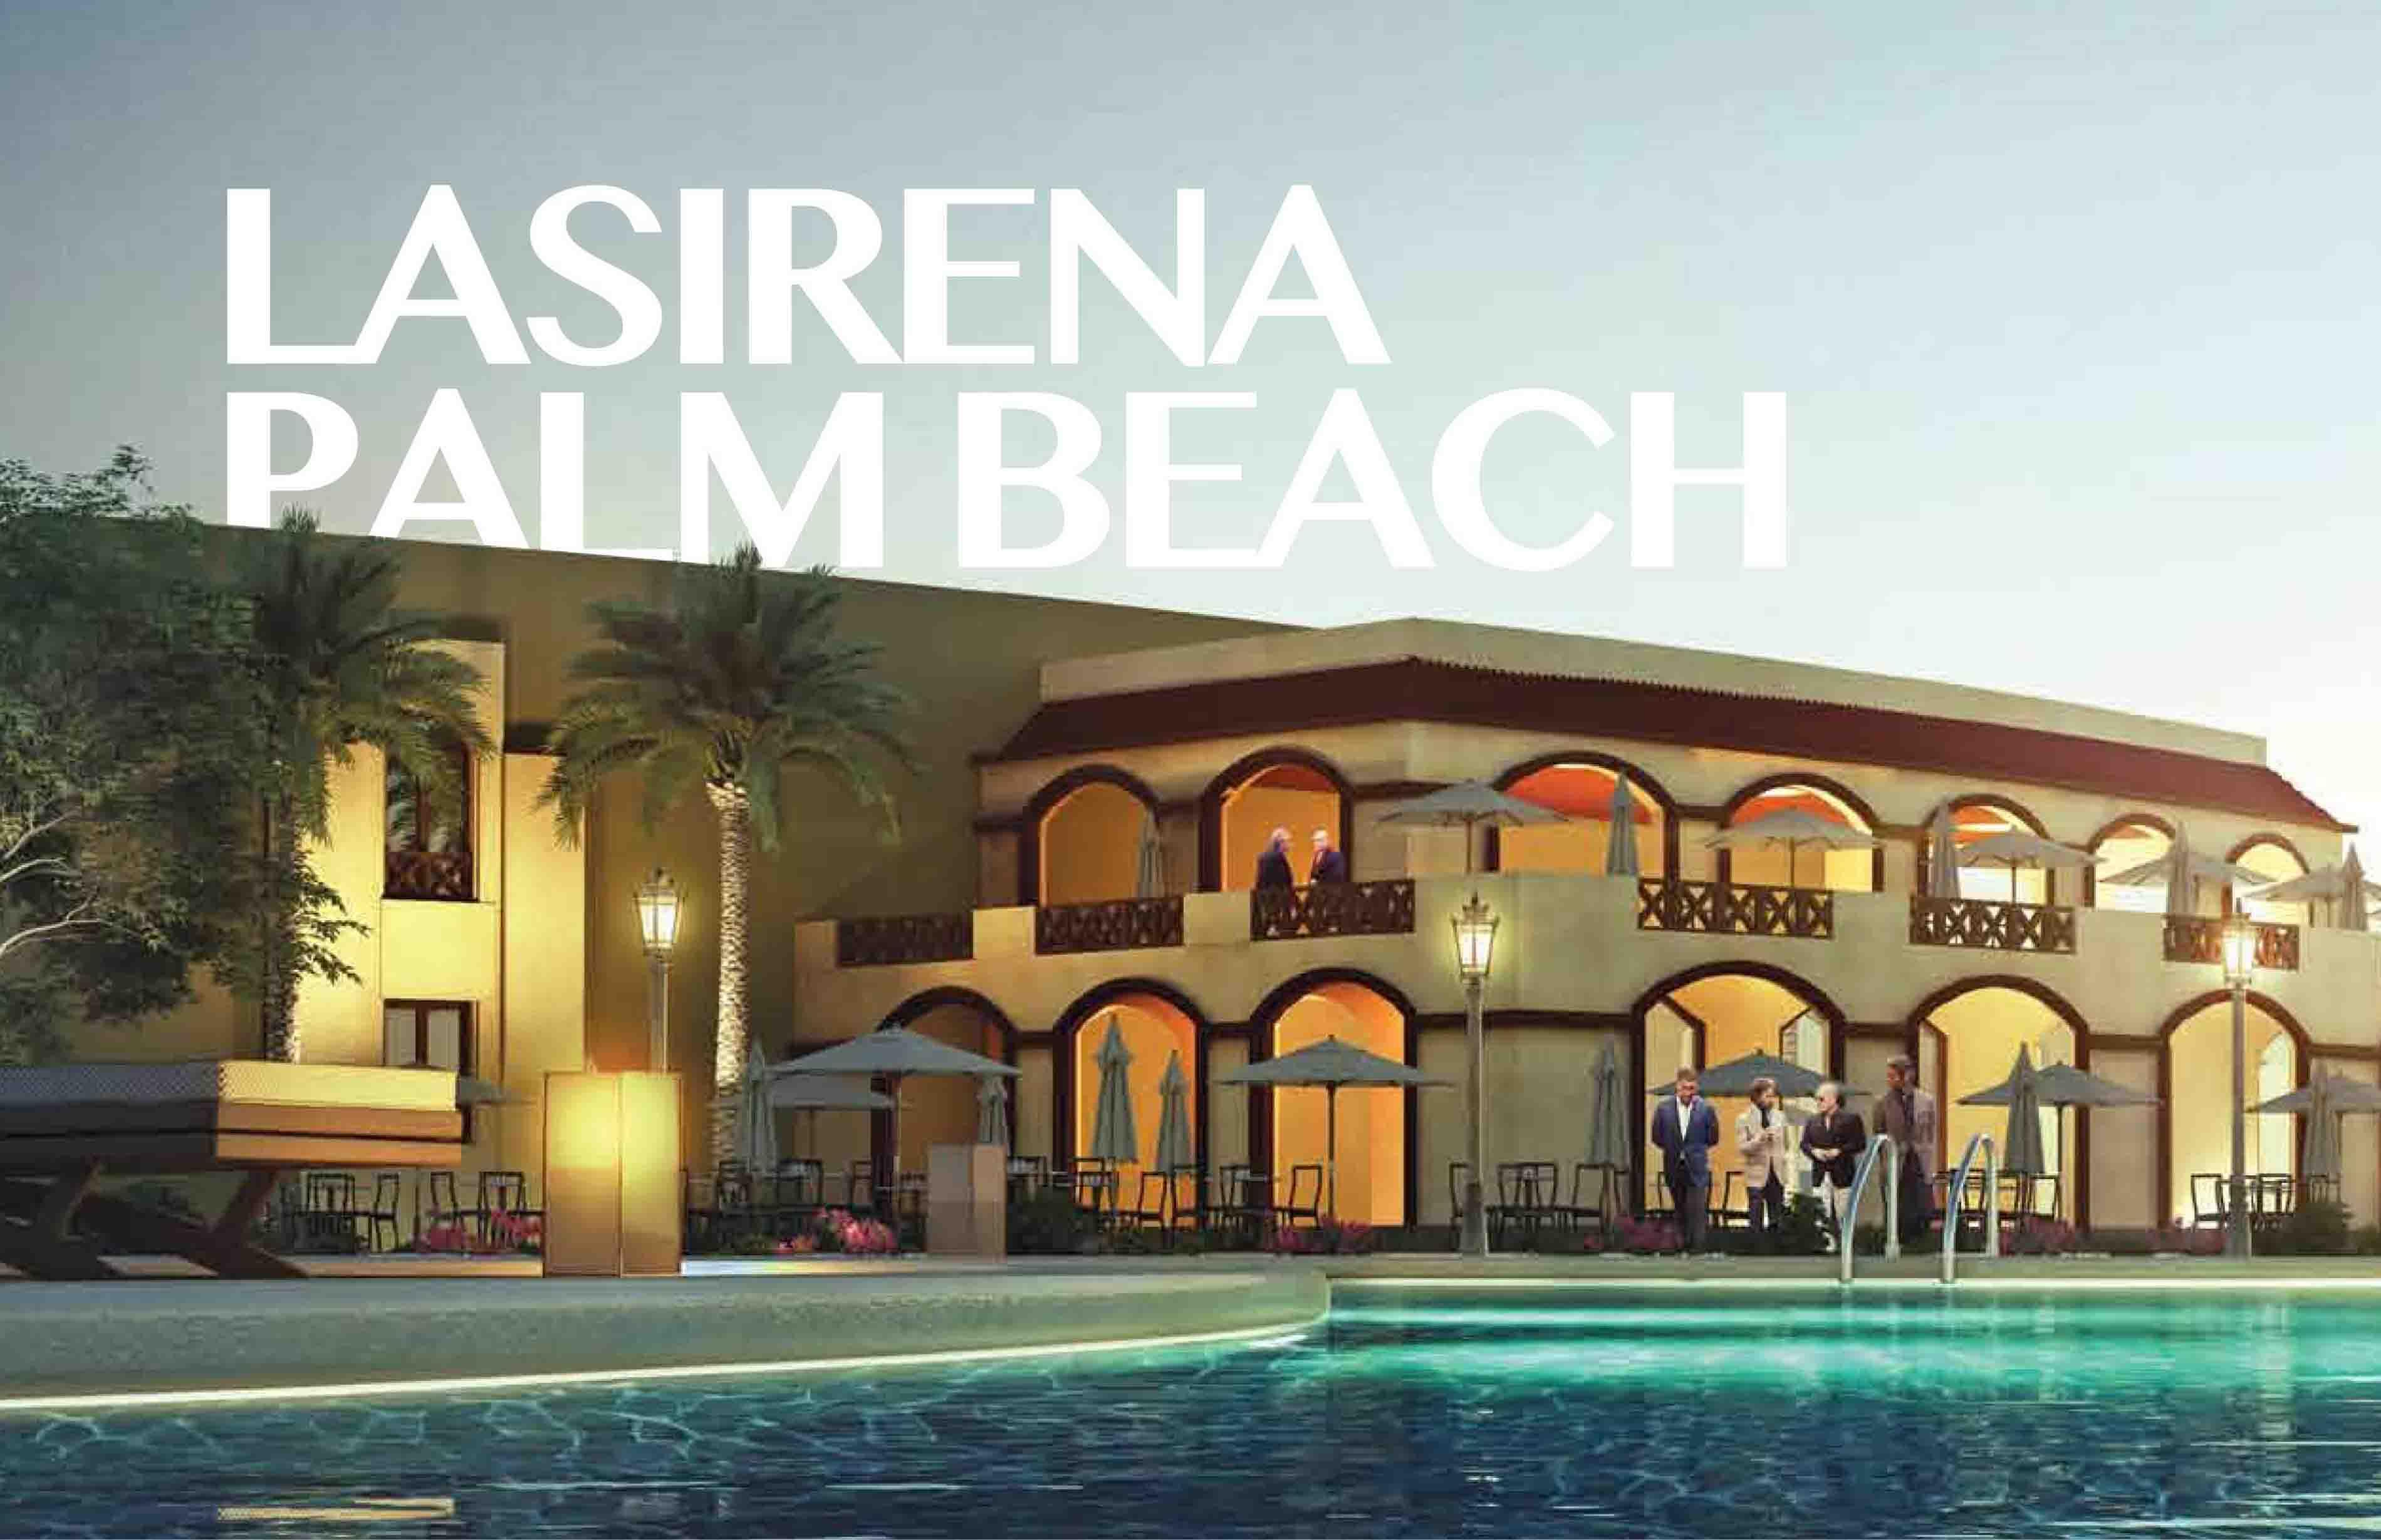 لاسيرينا بالم بيتش العين السخنة Lasirena Palm Beach Sokhana